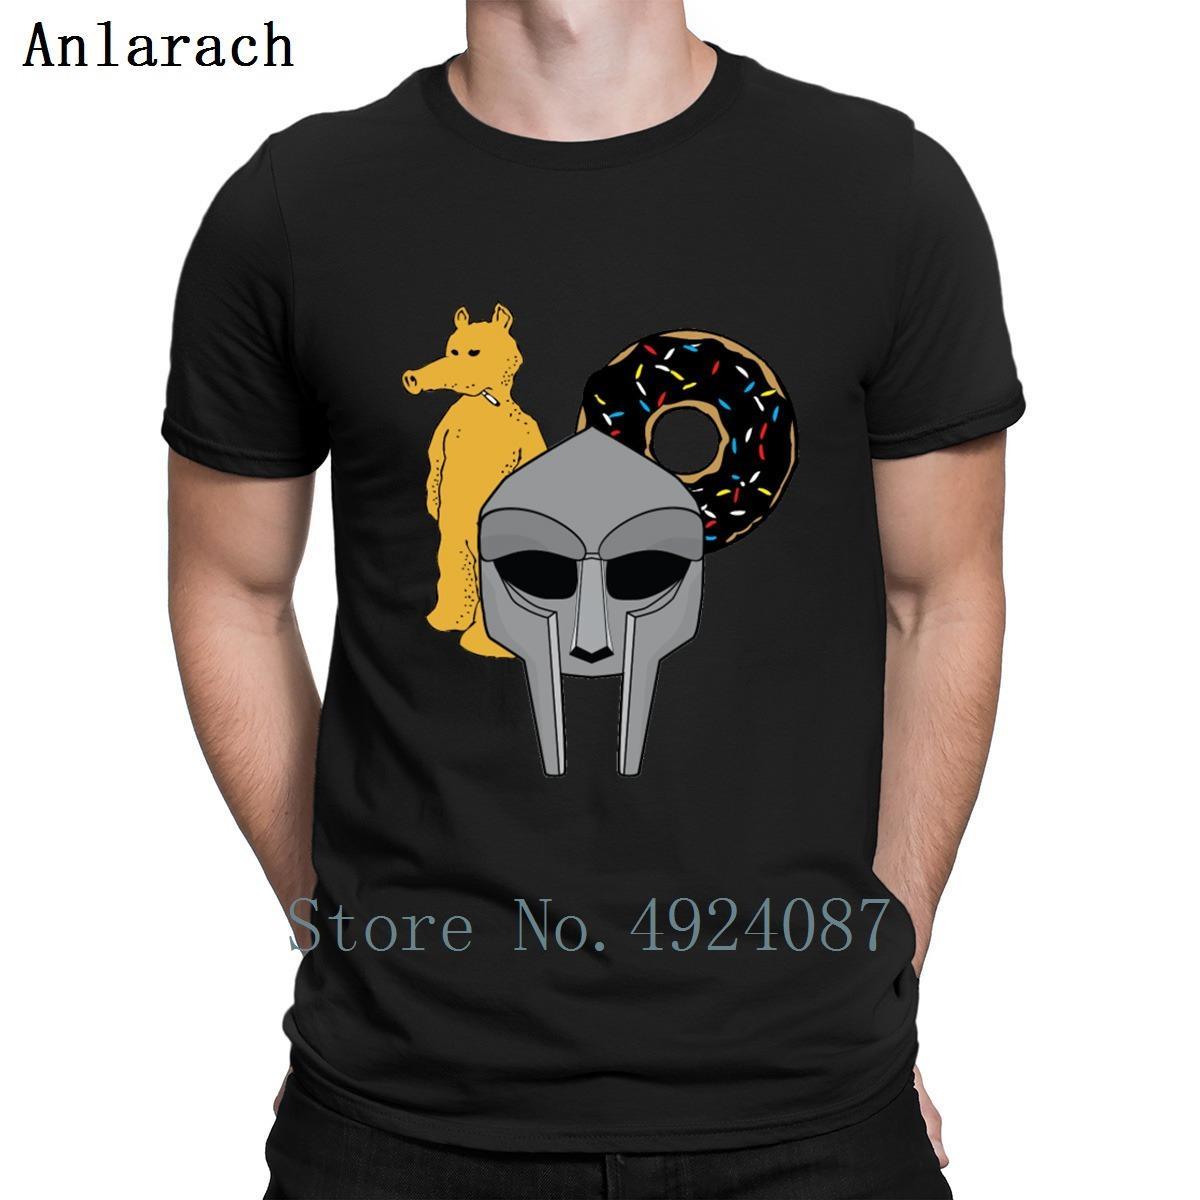 Doom Dilla Madlib / Kinder-T-Shirt; lose bequeme Straße T-Shirt mit einem Buchstabendruck und kurzen Ärmeln im Stil des Hip-Hop;